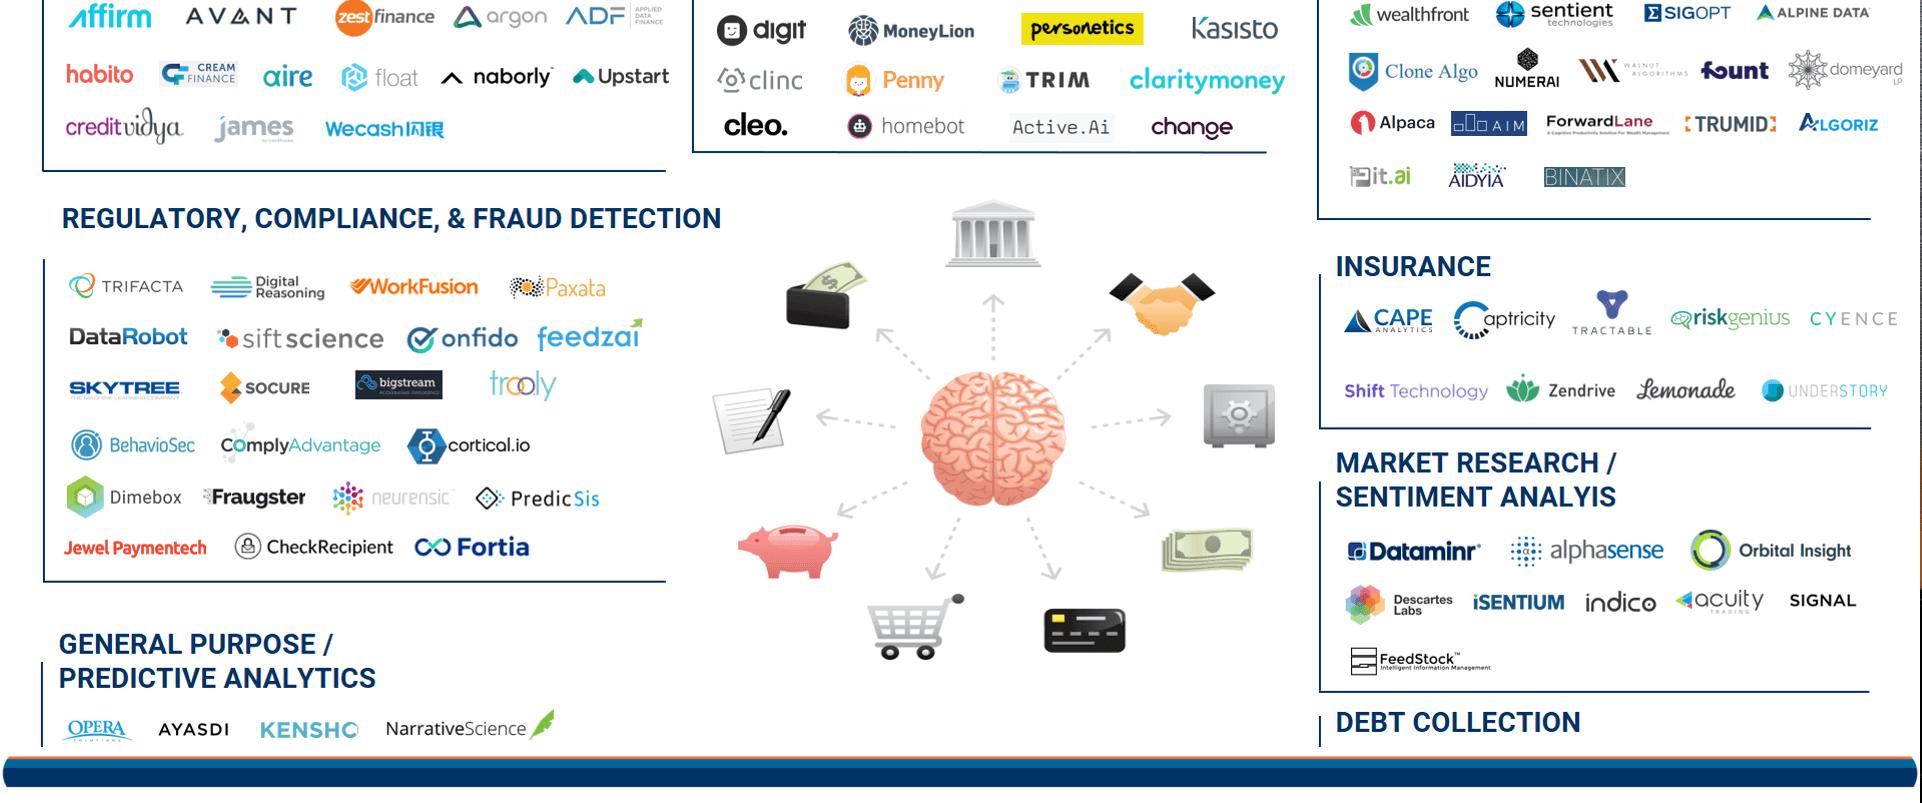 https://www.cbinsights.com/blog/ai-fintech-startup-market-map/